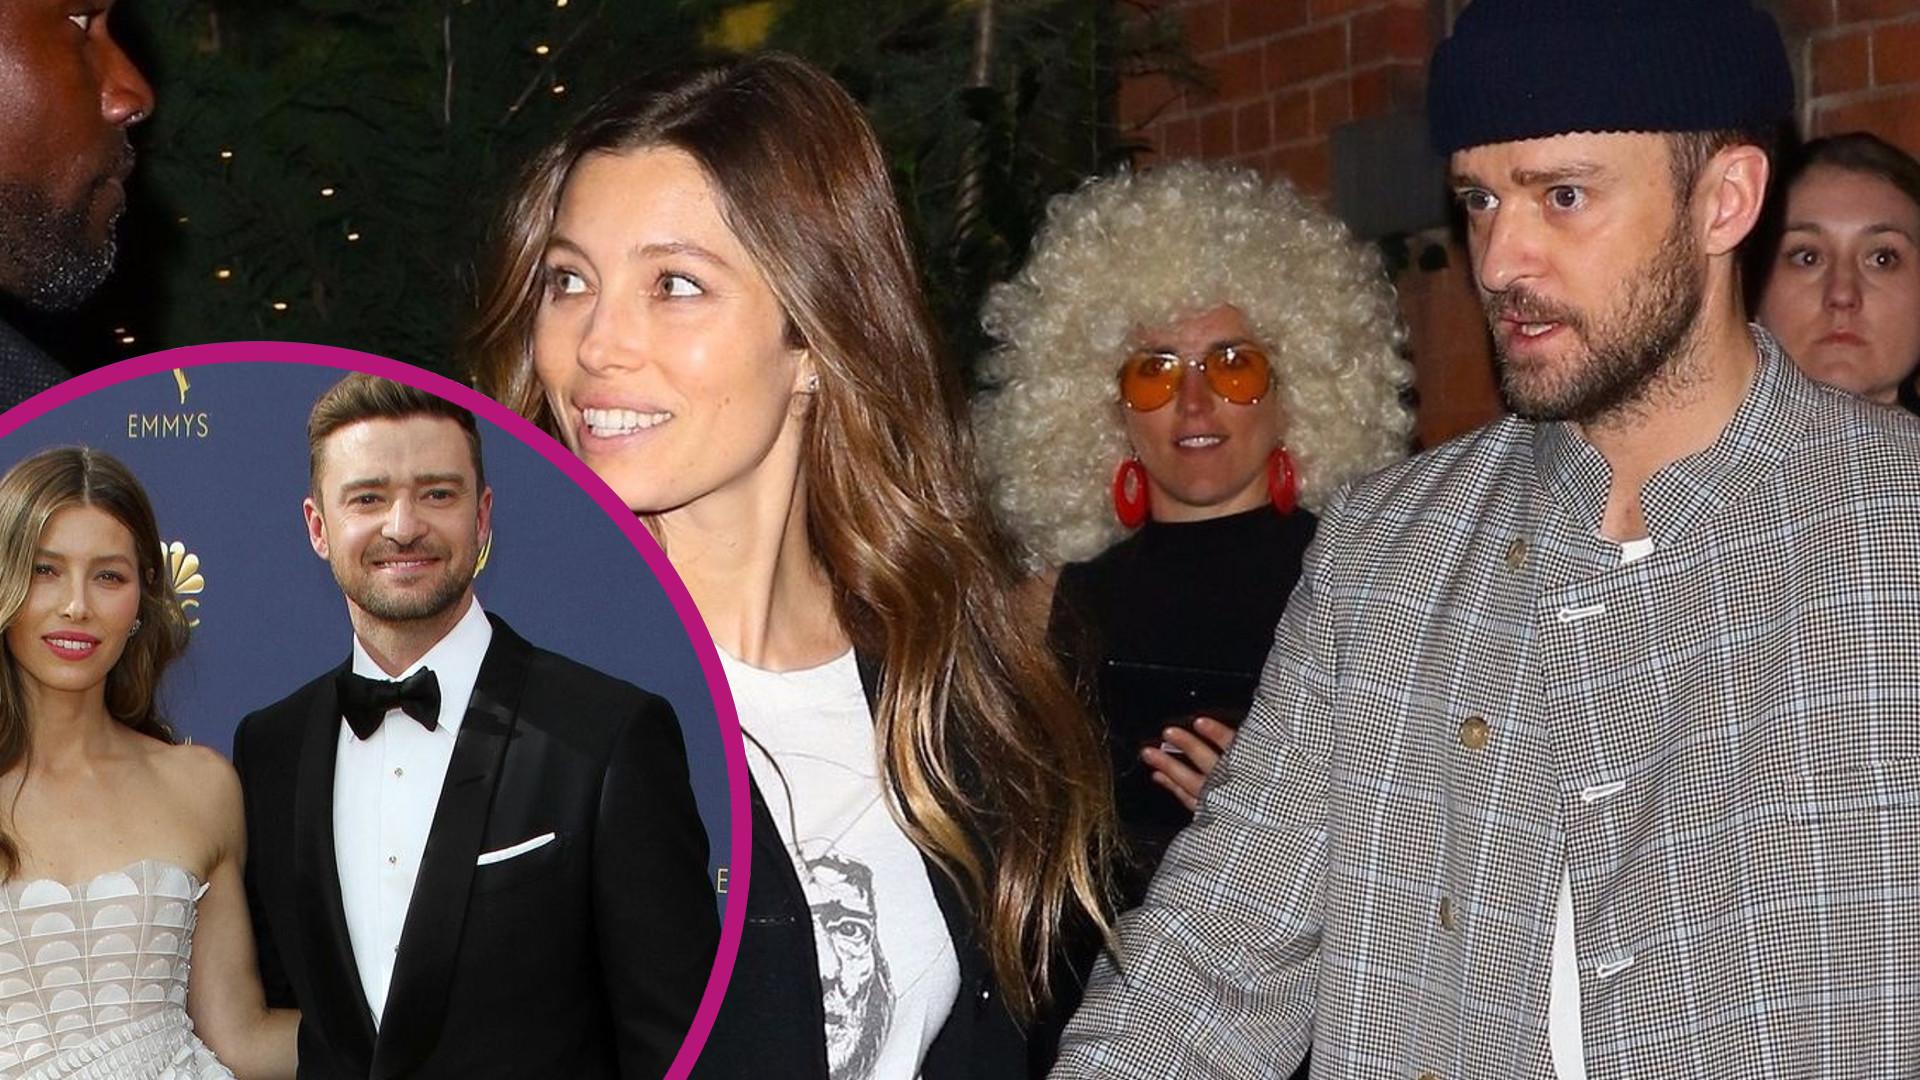 Jaki KRYZYS? Zobaczcie najnowsze zdjęcia z Justinem Timberlake'iem na Instagramie Jessiki Biel